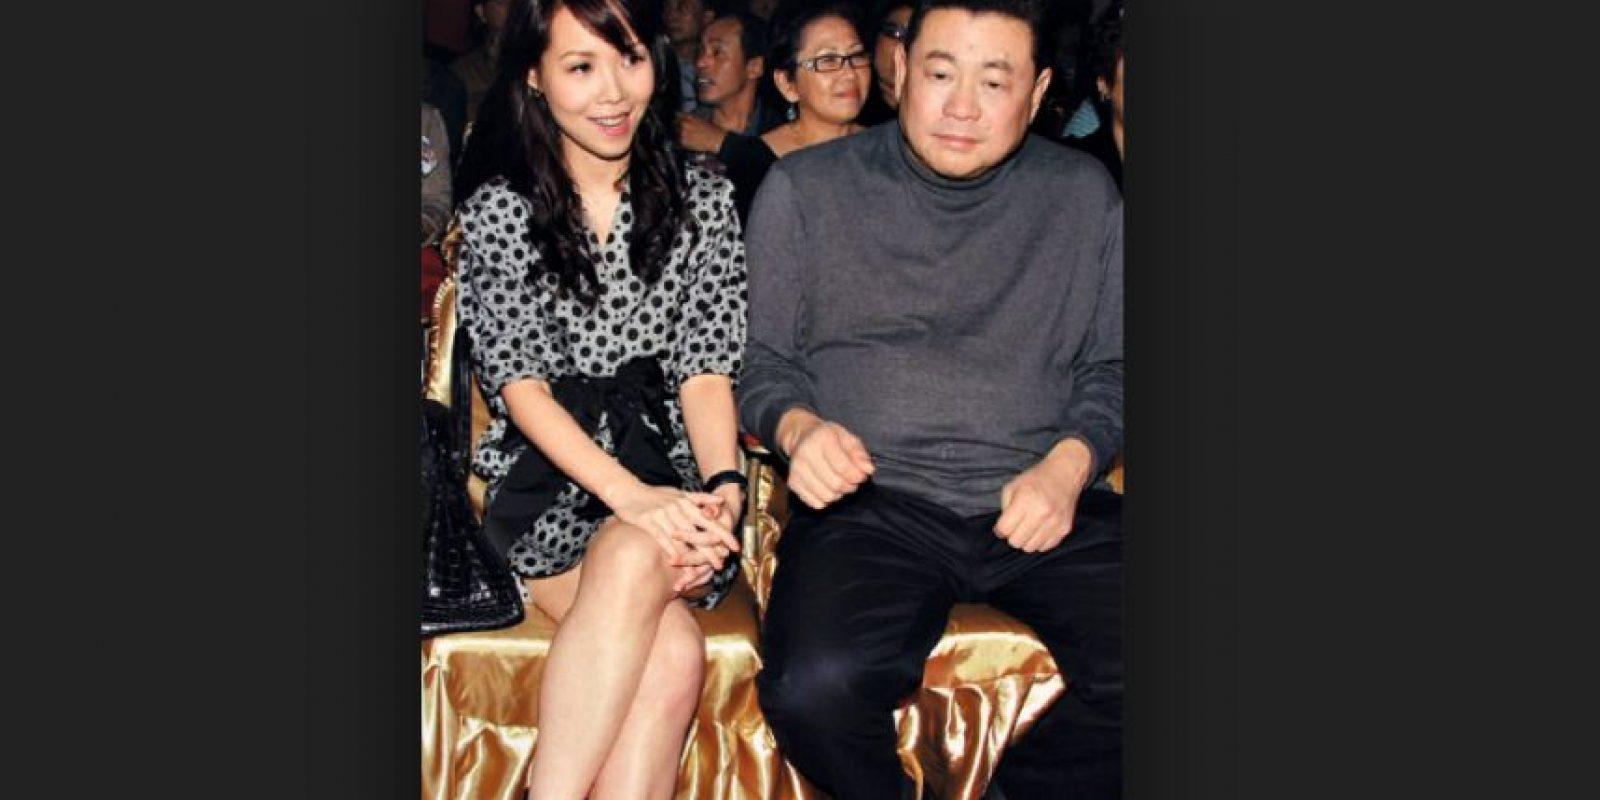 La cantidad fue pagada por el magnate de Hong Kong, Joseph Lau. Foto:Vía Wikipedia Commons